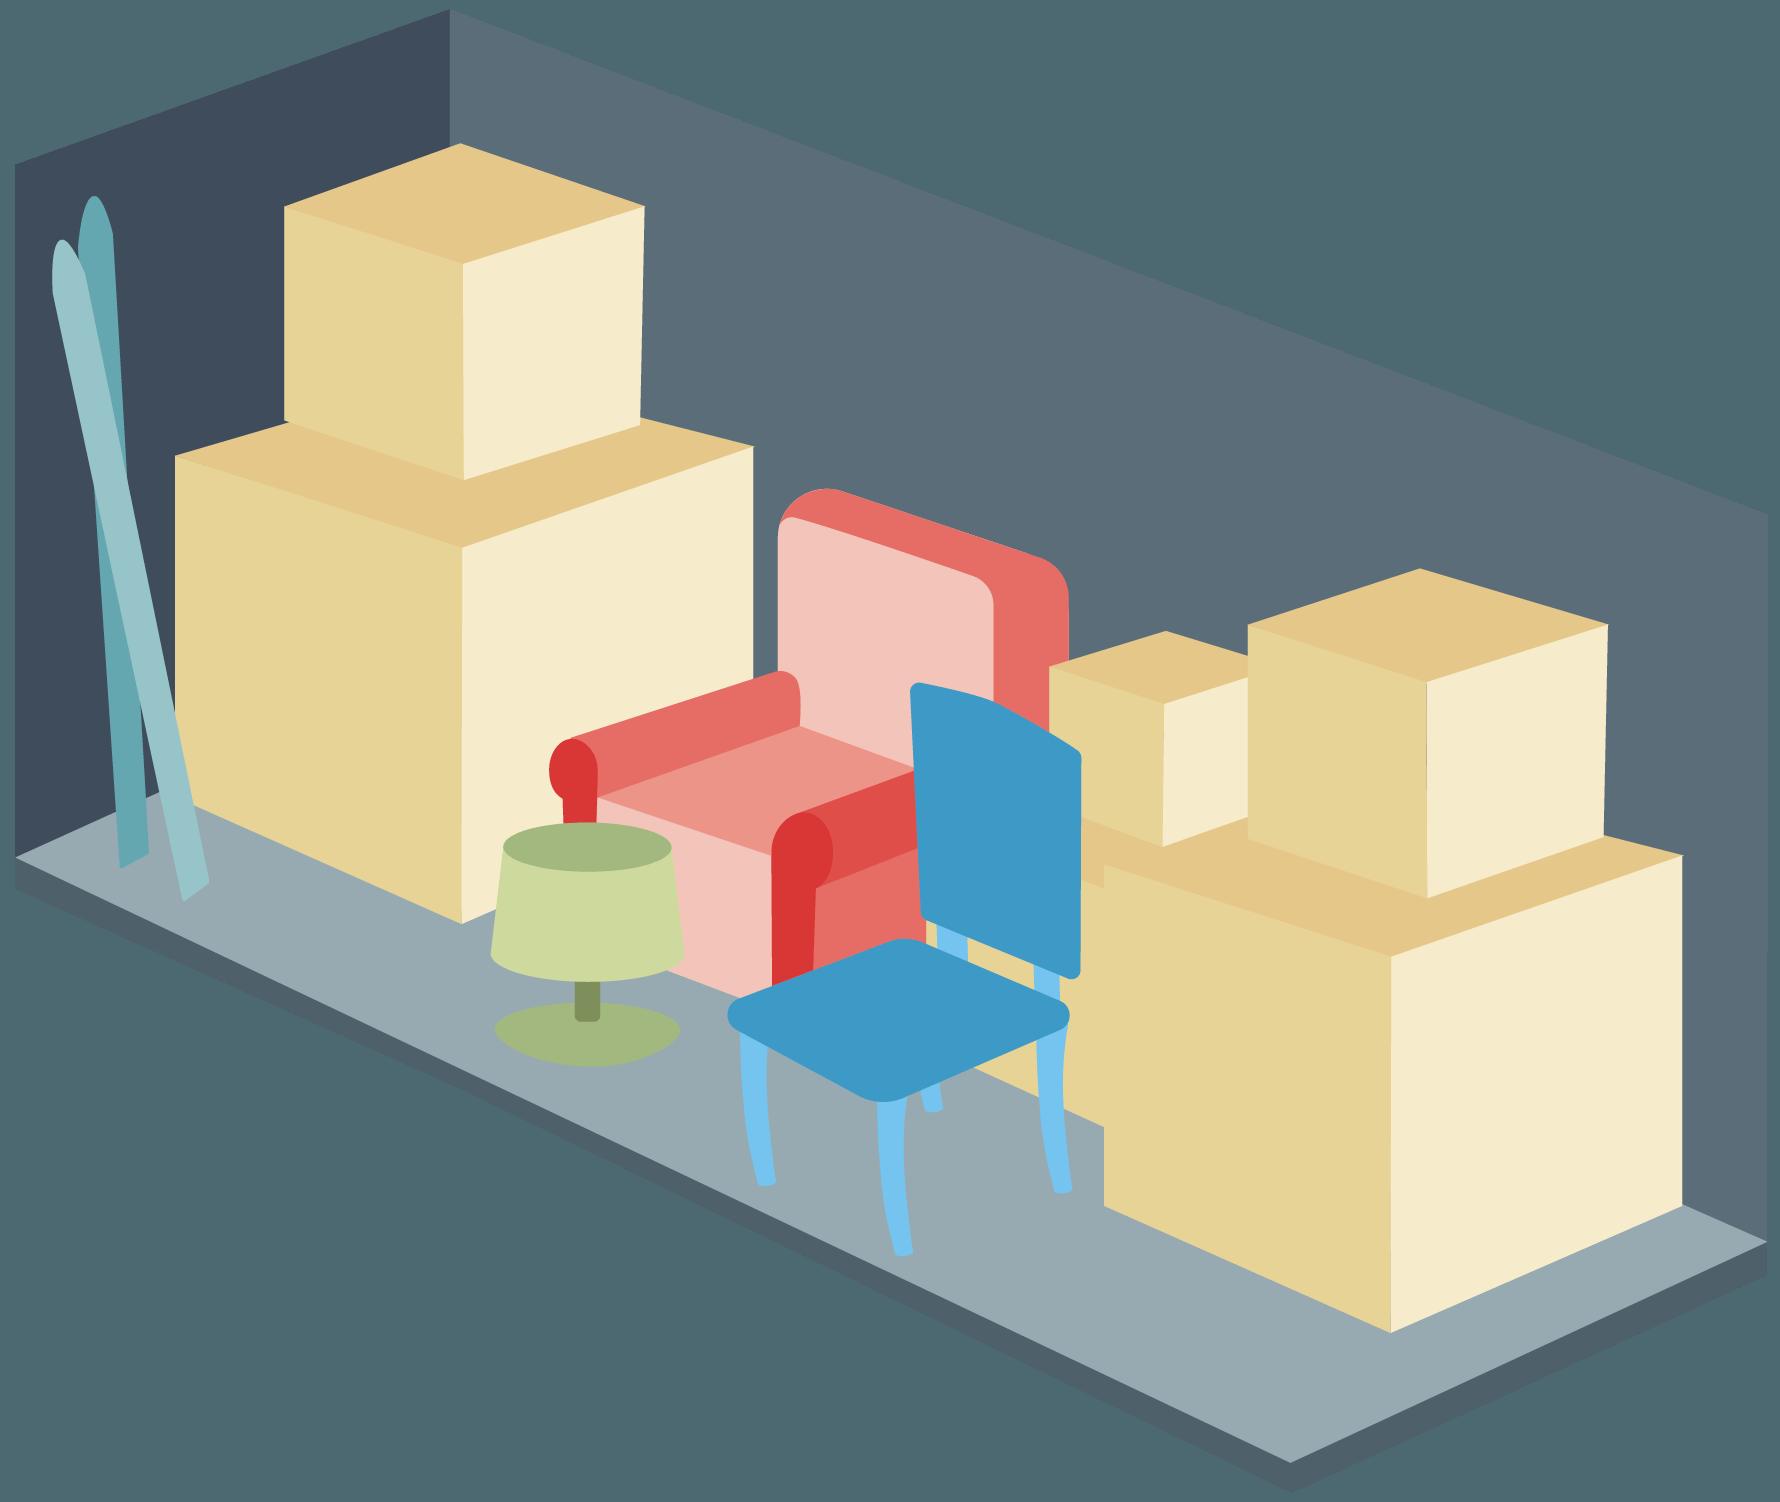 5x15 Storage Units